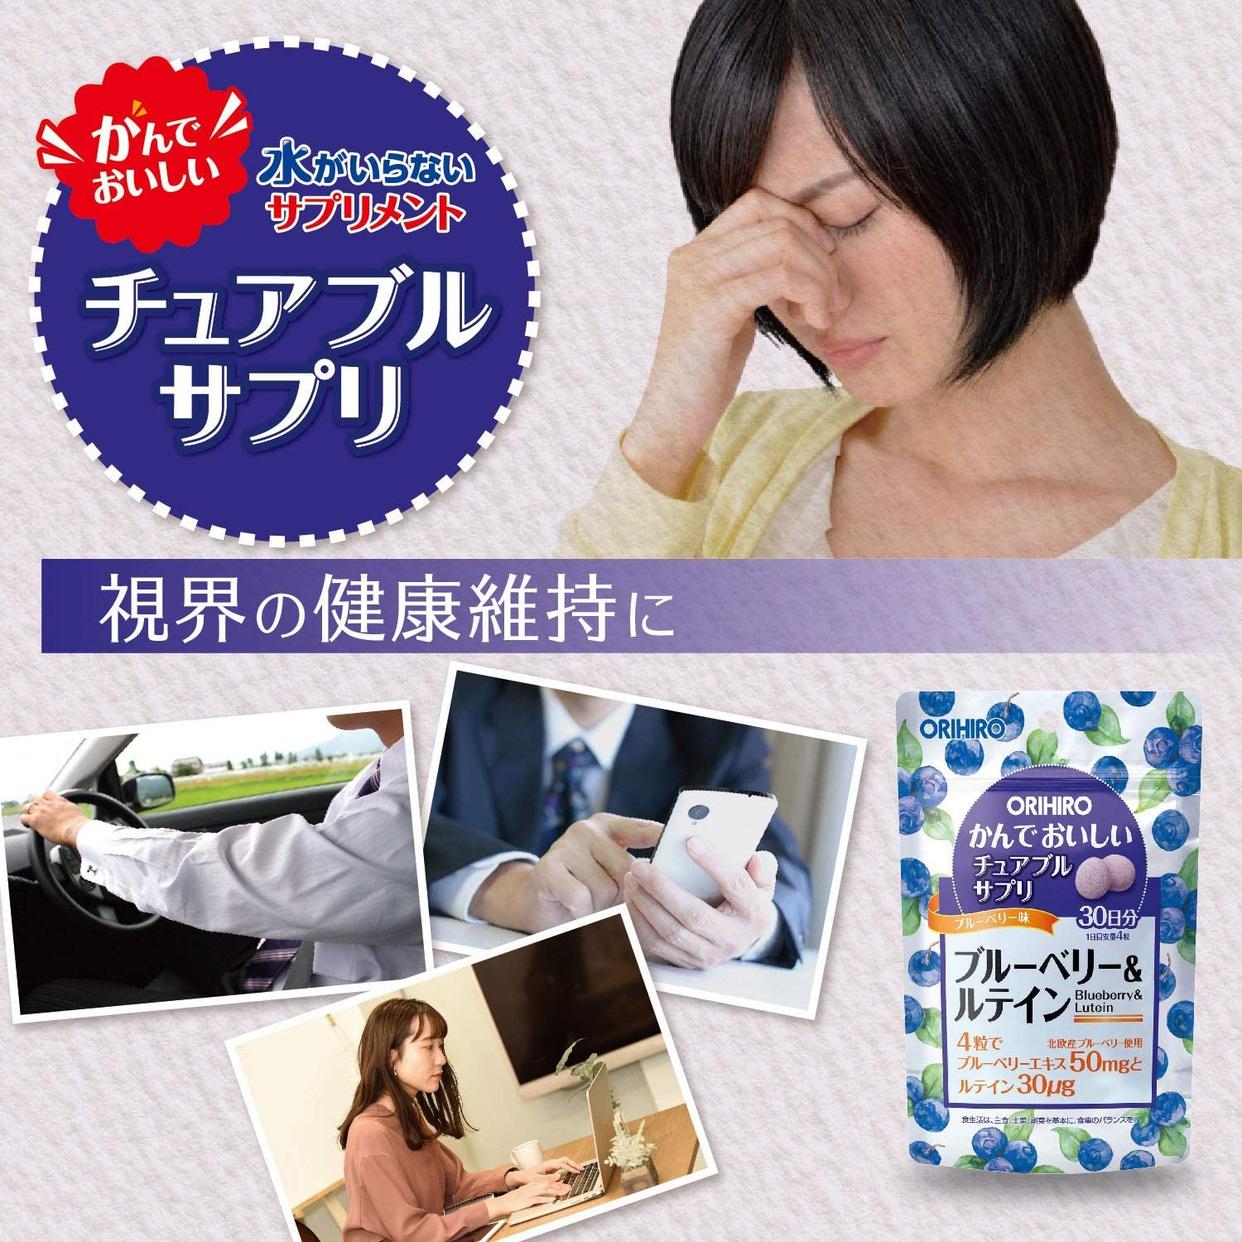 ORIHIRO(オリヒロ) かんでおいしいチュアブルサプリ ブルーベリー&ルテインの商品画像3